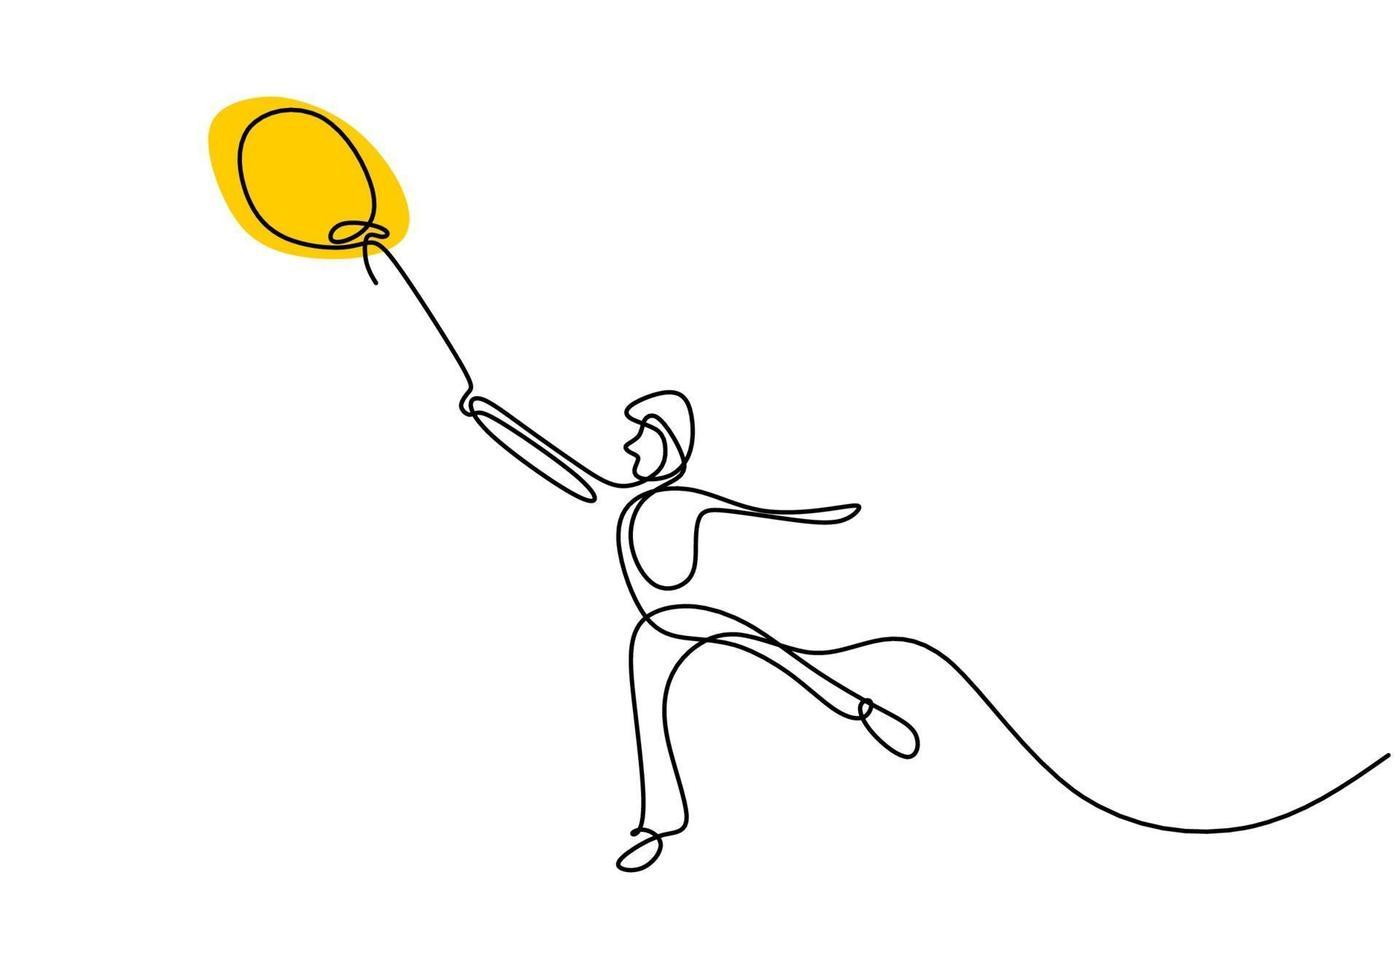 una linea continua che disegna un uomo adolescente che tiene un palloncino. felice giovane ragazzo giocando in mongolfiera all'aperto mentre balla ed esegui contorno disegnare a mano su uno sfondo bianco. espressione di felicità. vettore